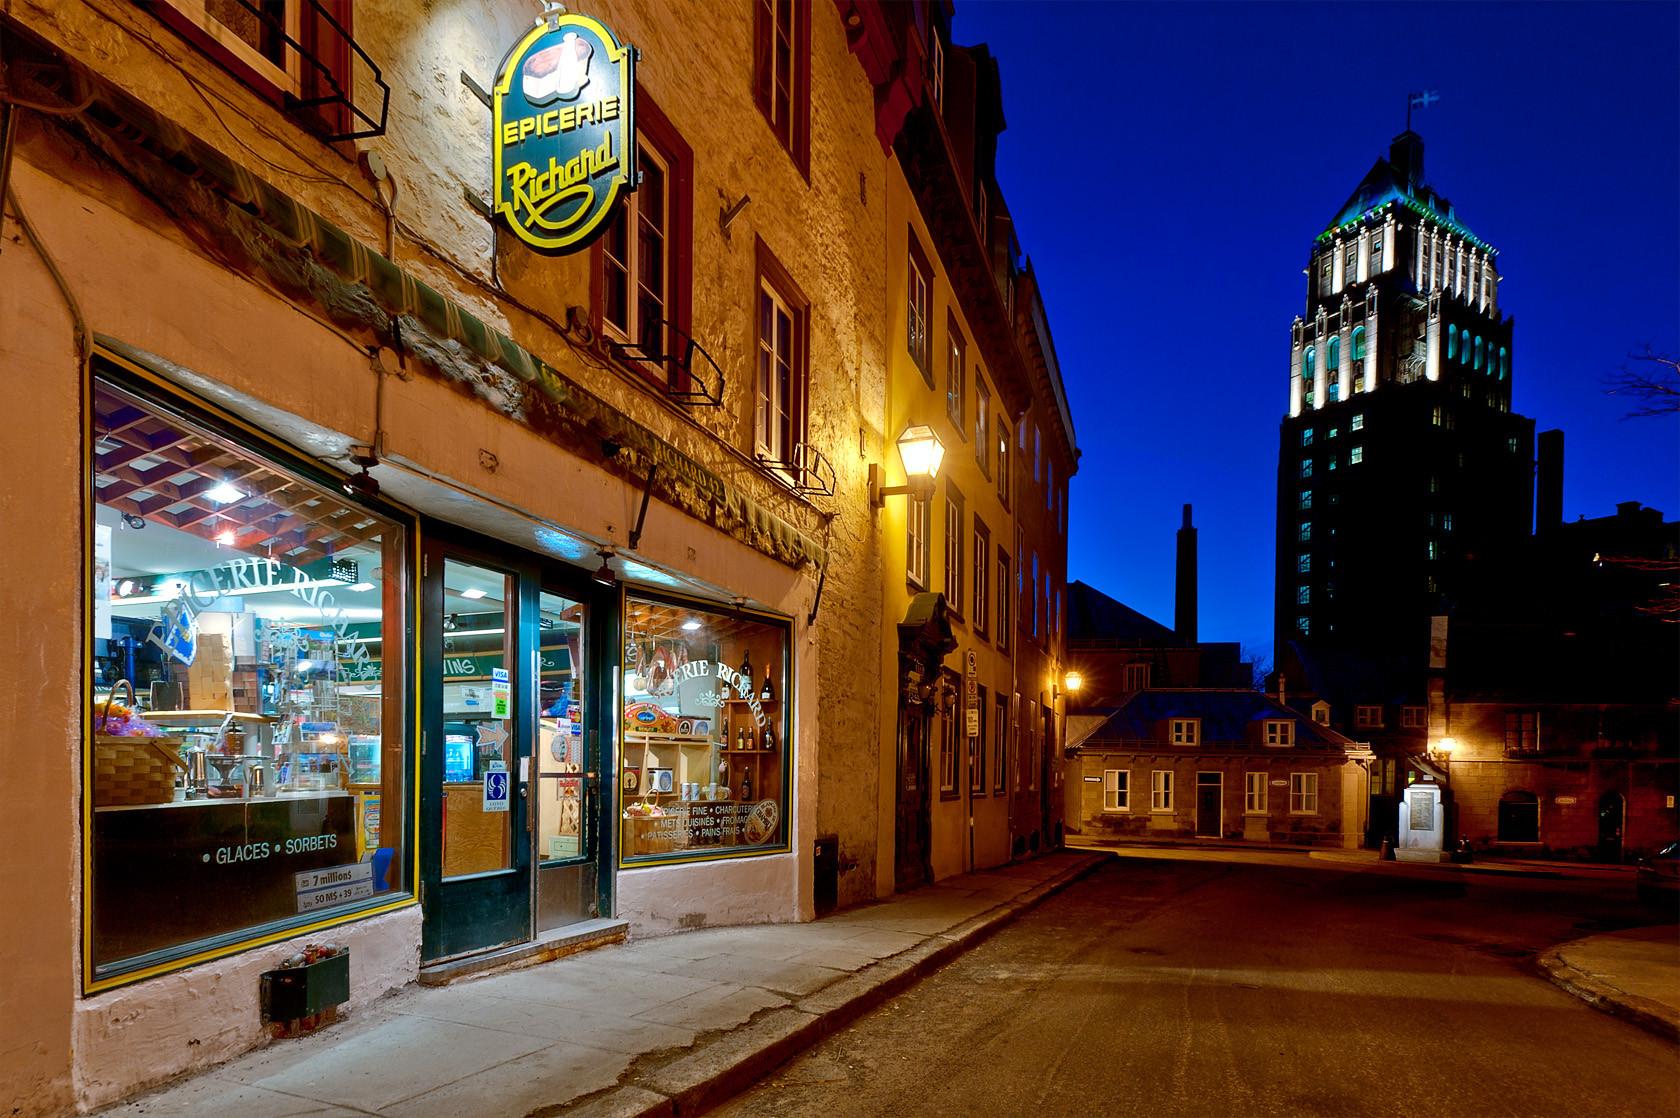 City Dinner St.Louis  Exploring Quebec City Blue Hour the City Heure Bleue